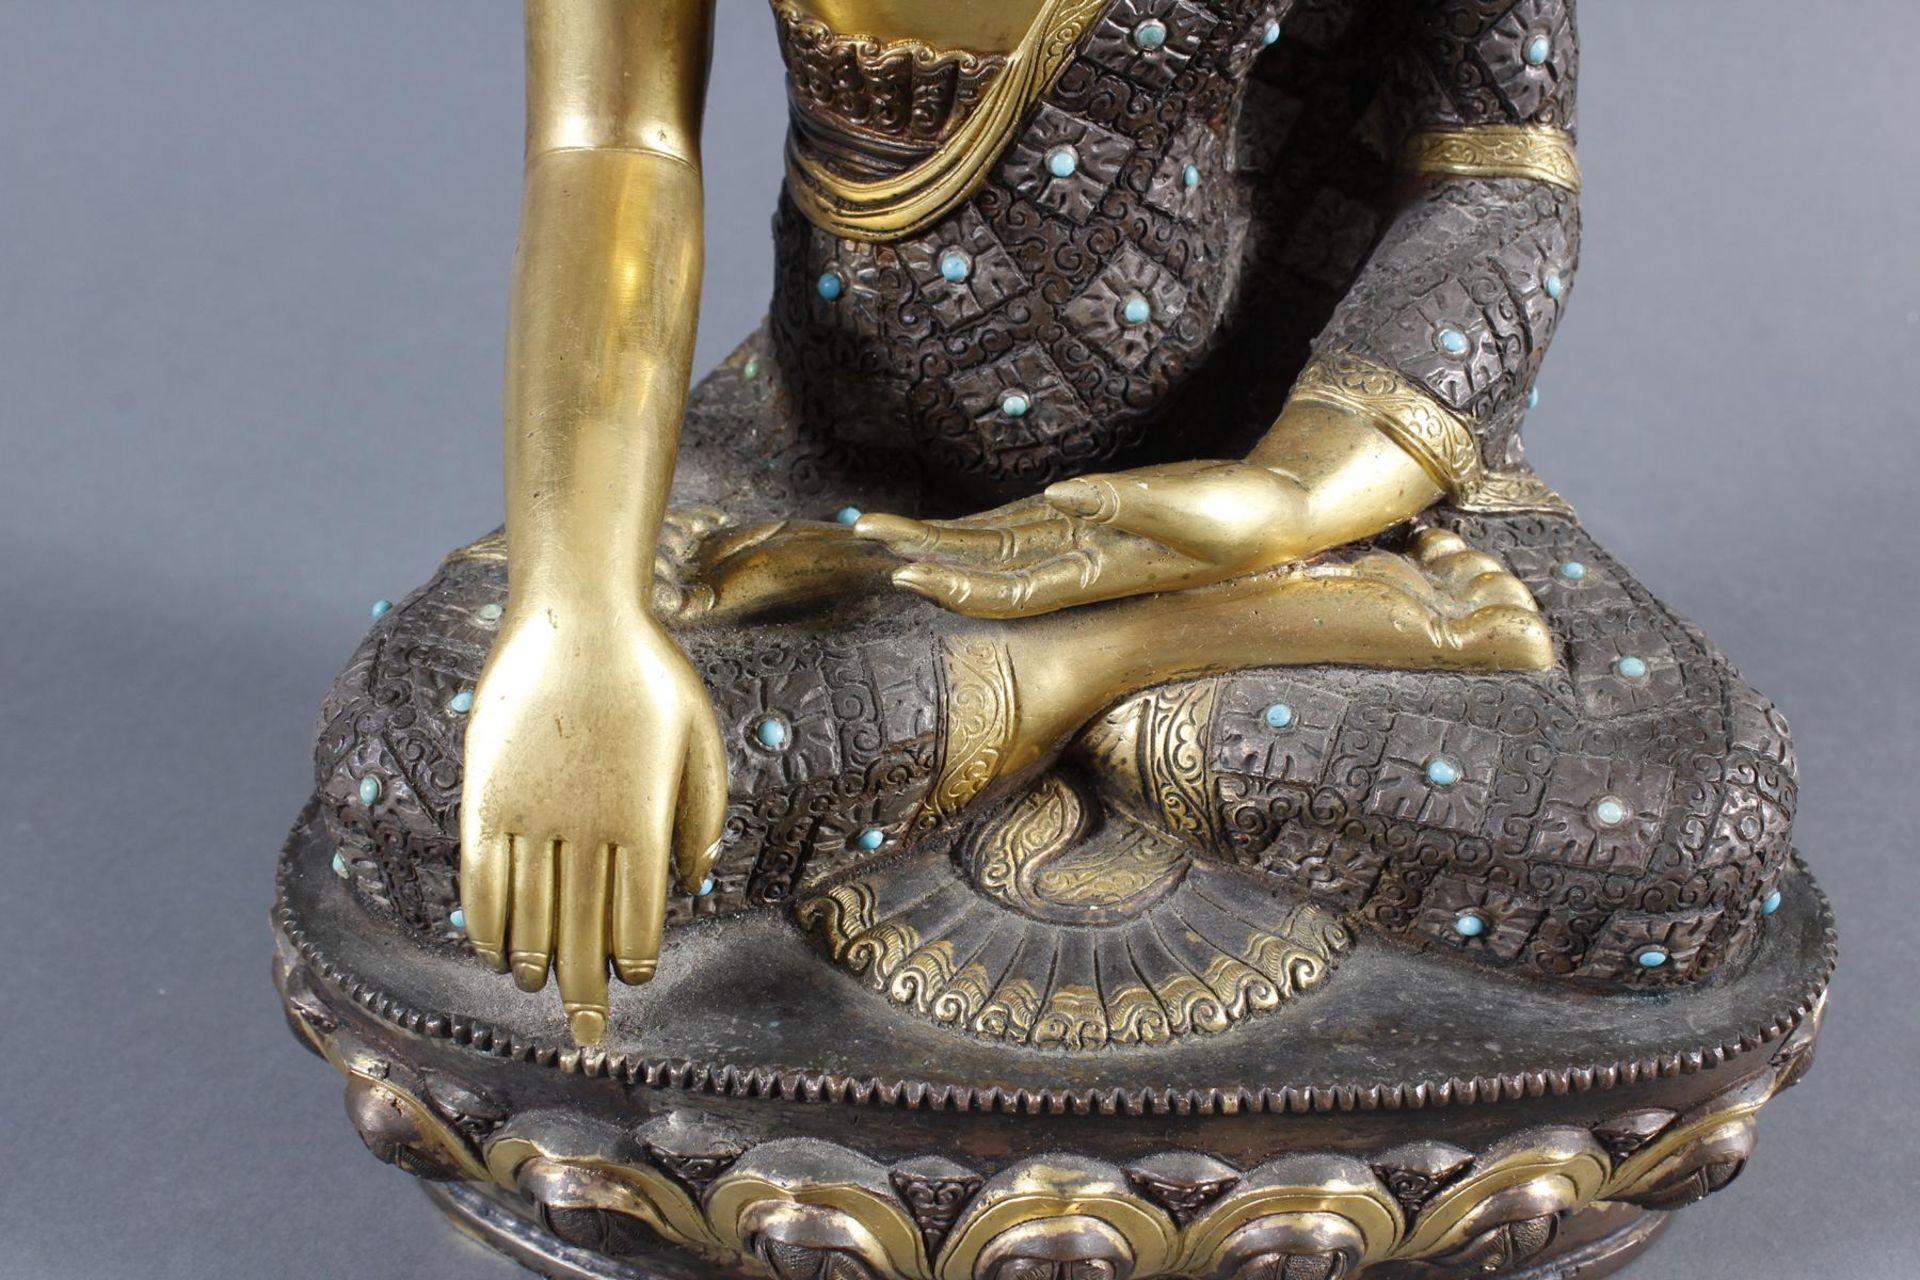 Bronze des Buddha Shakyamuni in der Erdberührungsgeste auf Lotospodest - Bild 7 aus 10